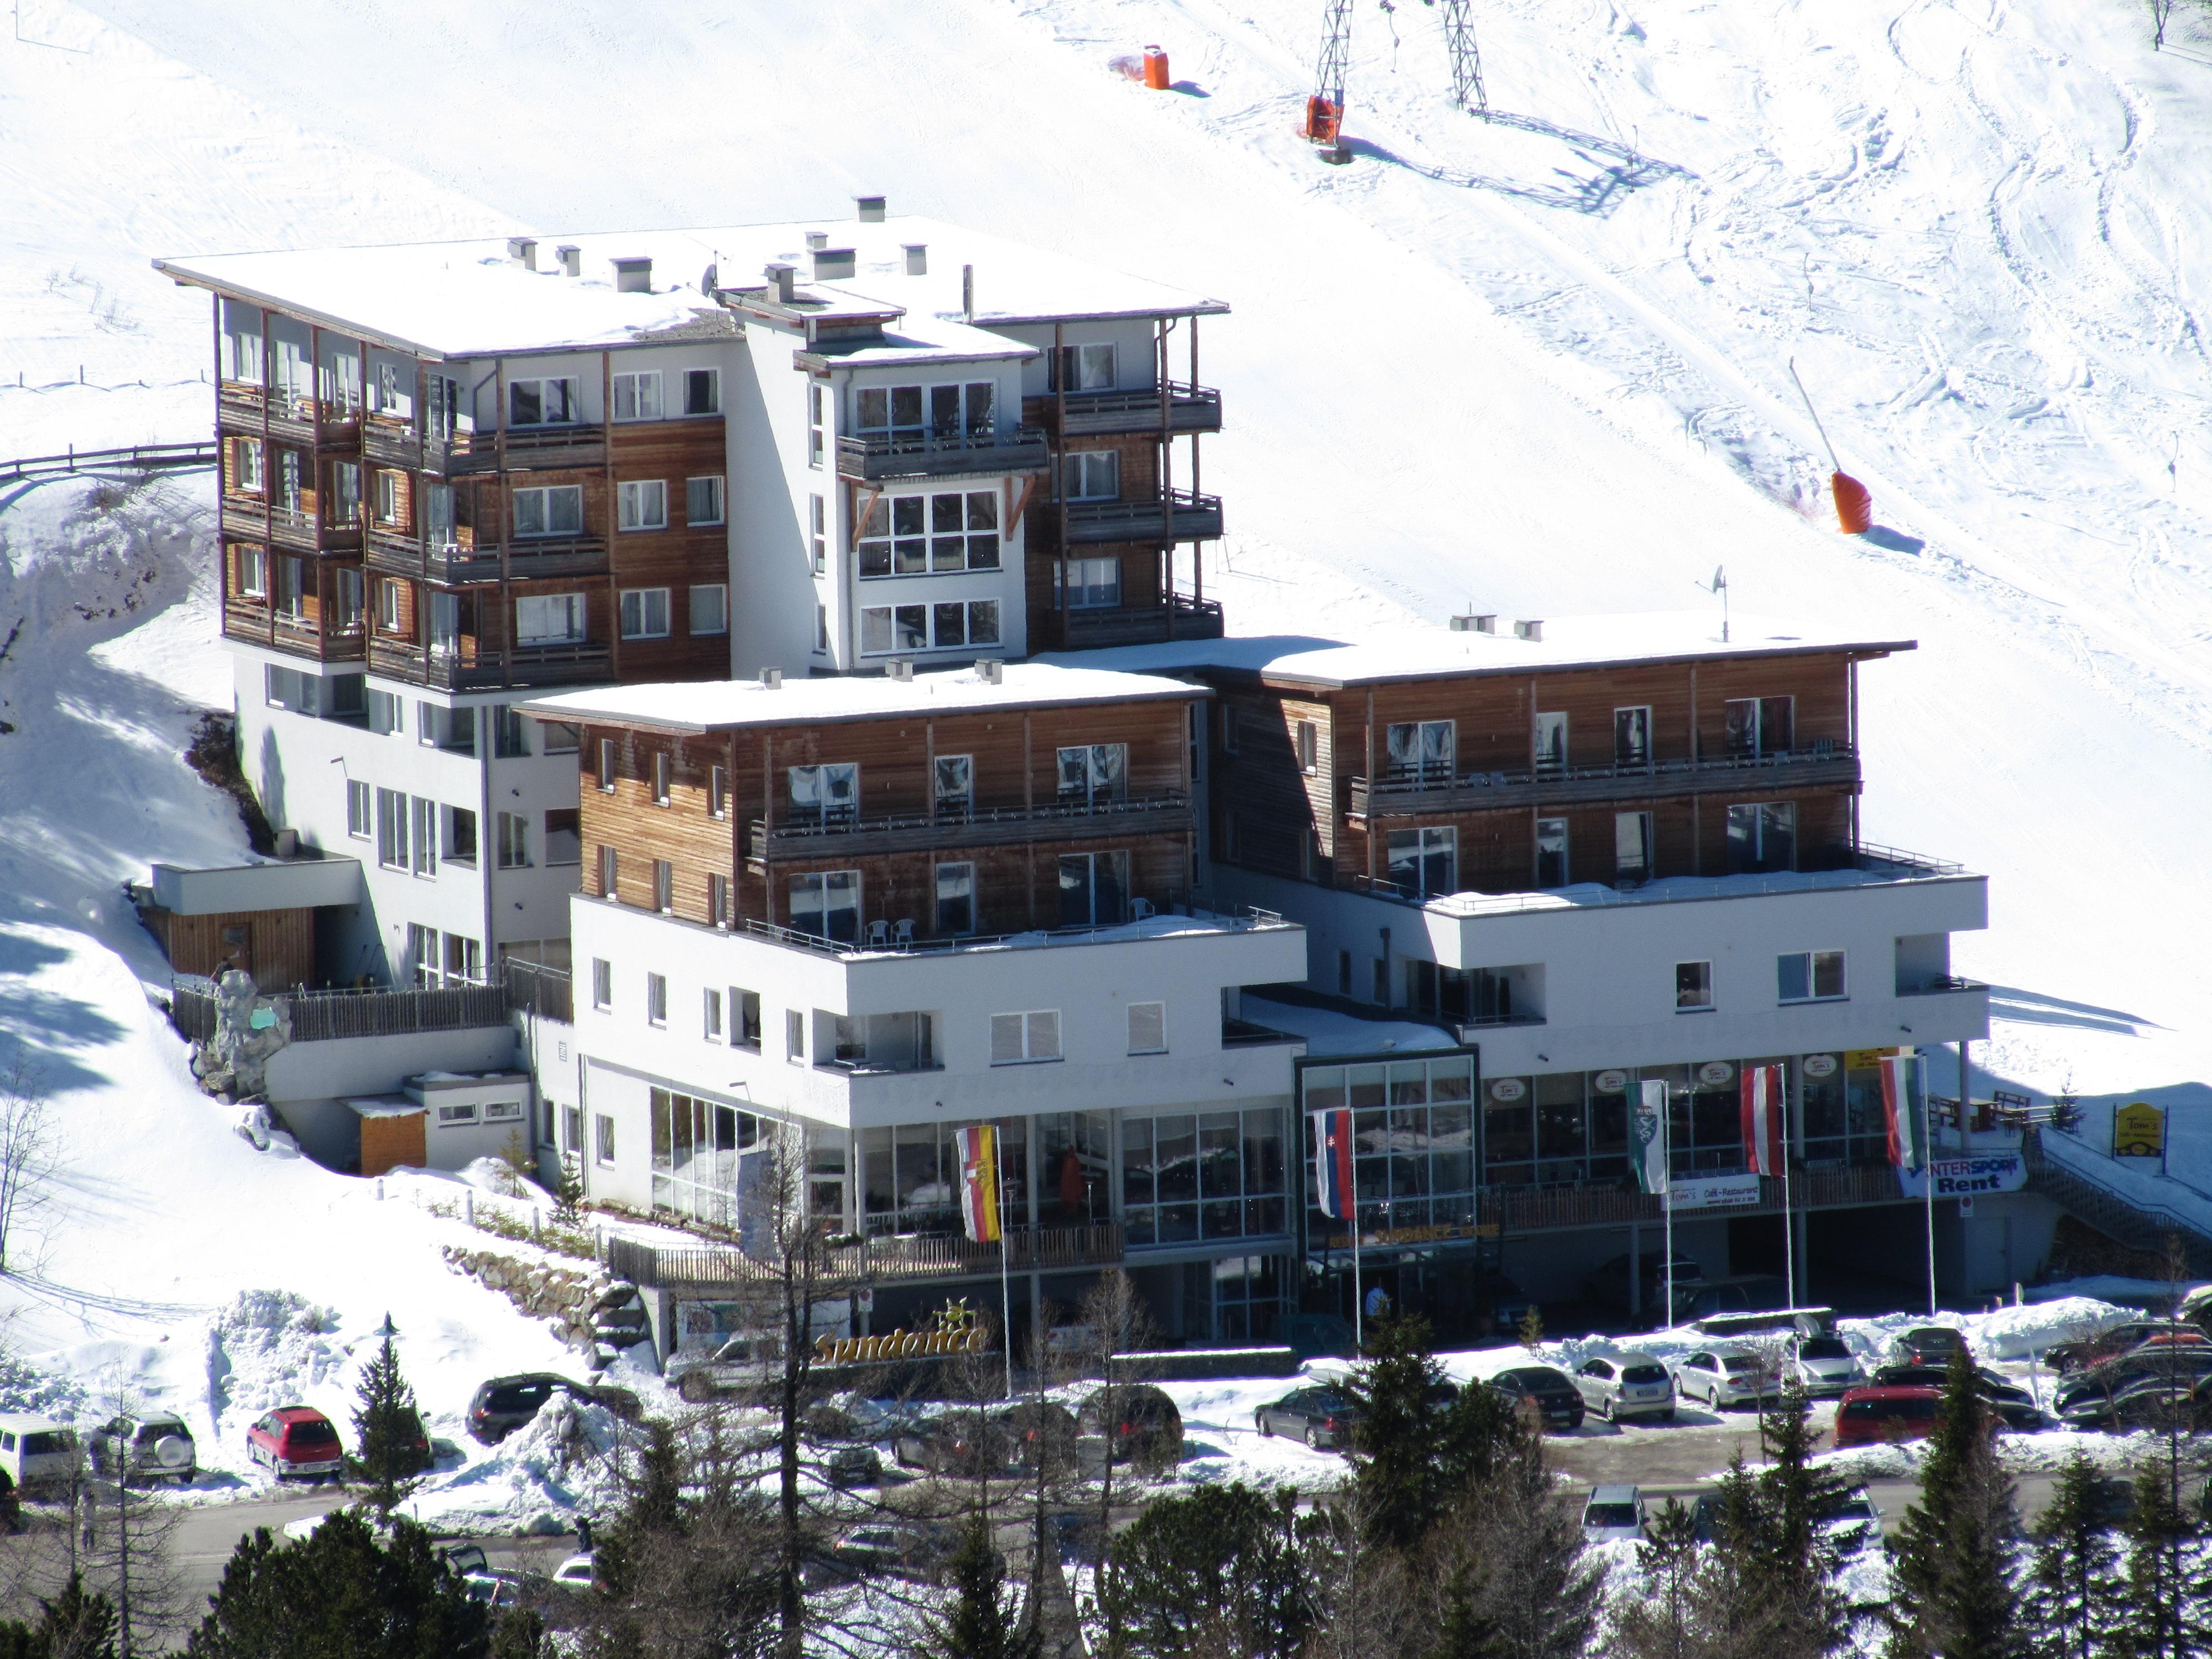 File:Turracher Höhe Sundance hotel 20110320 2487.JPG